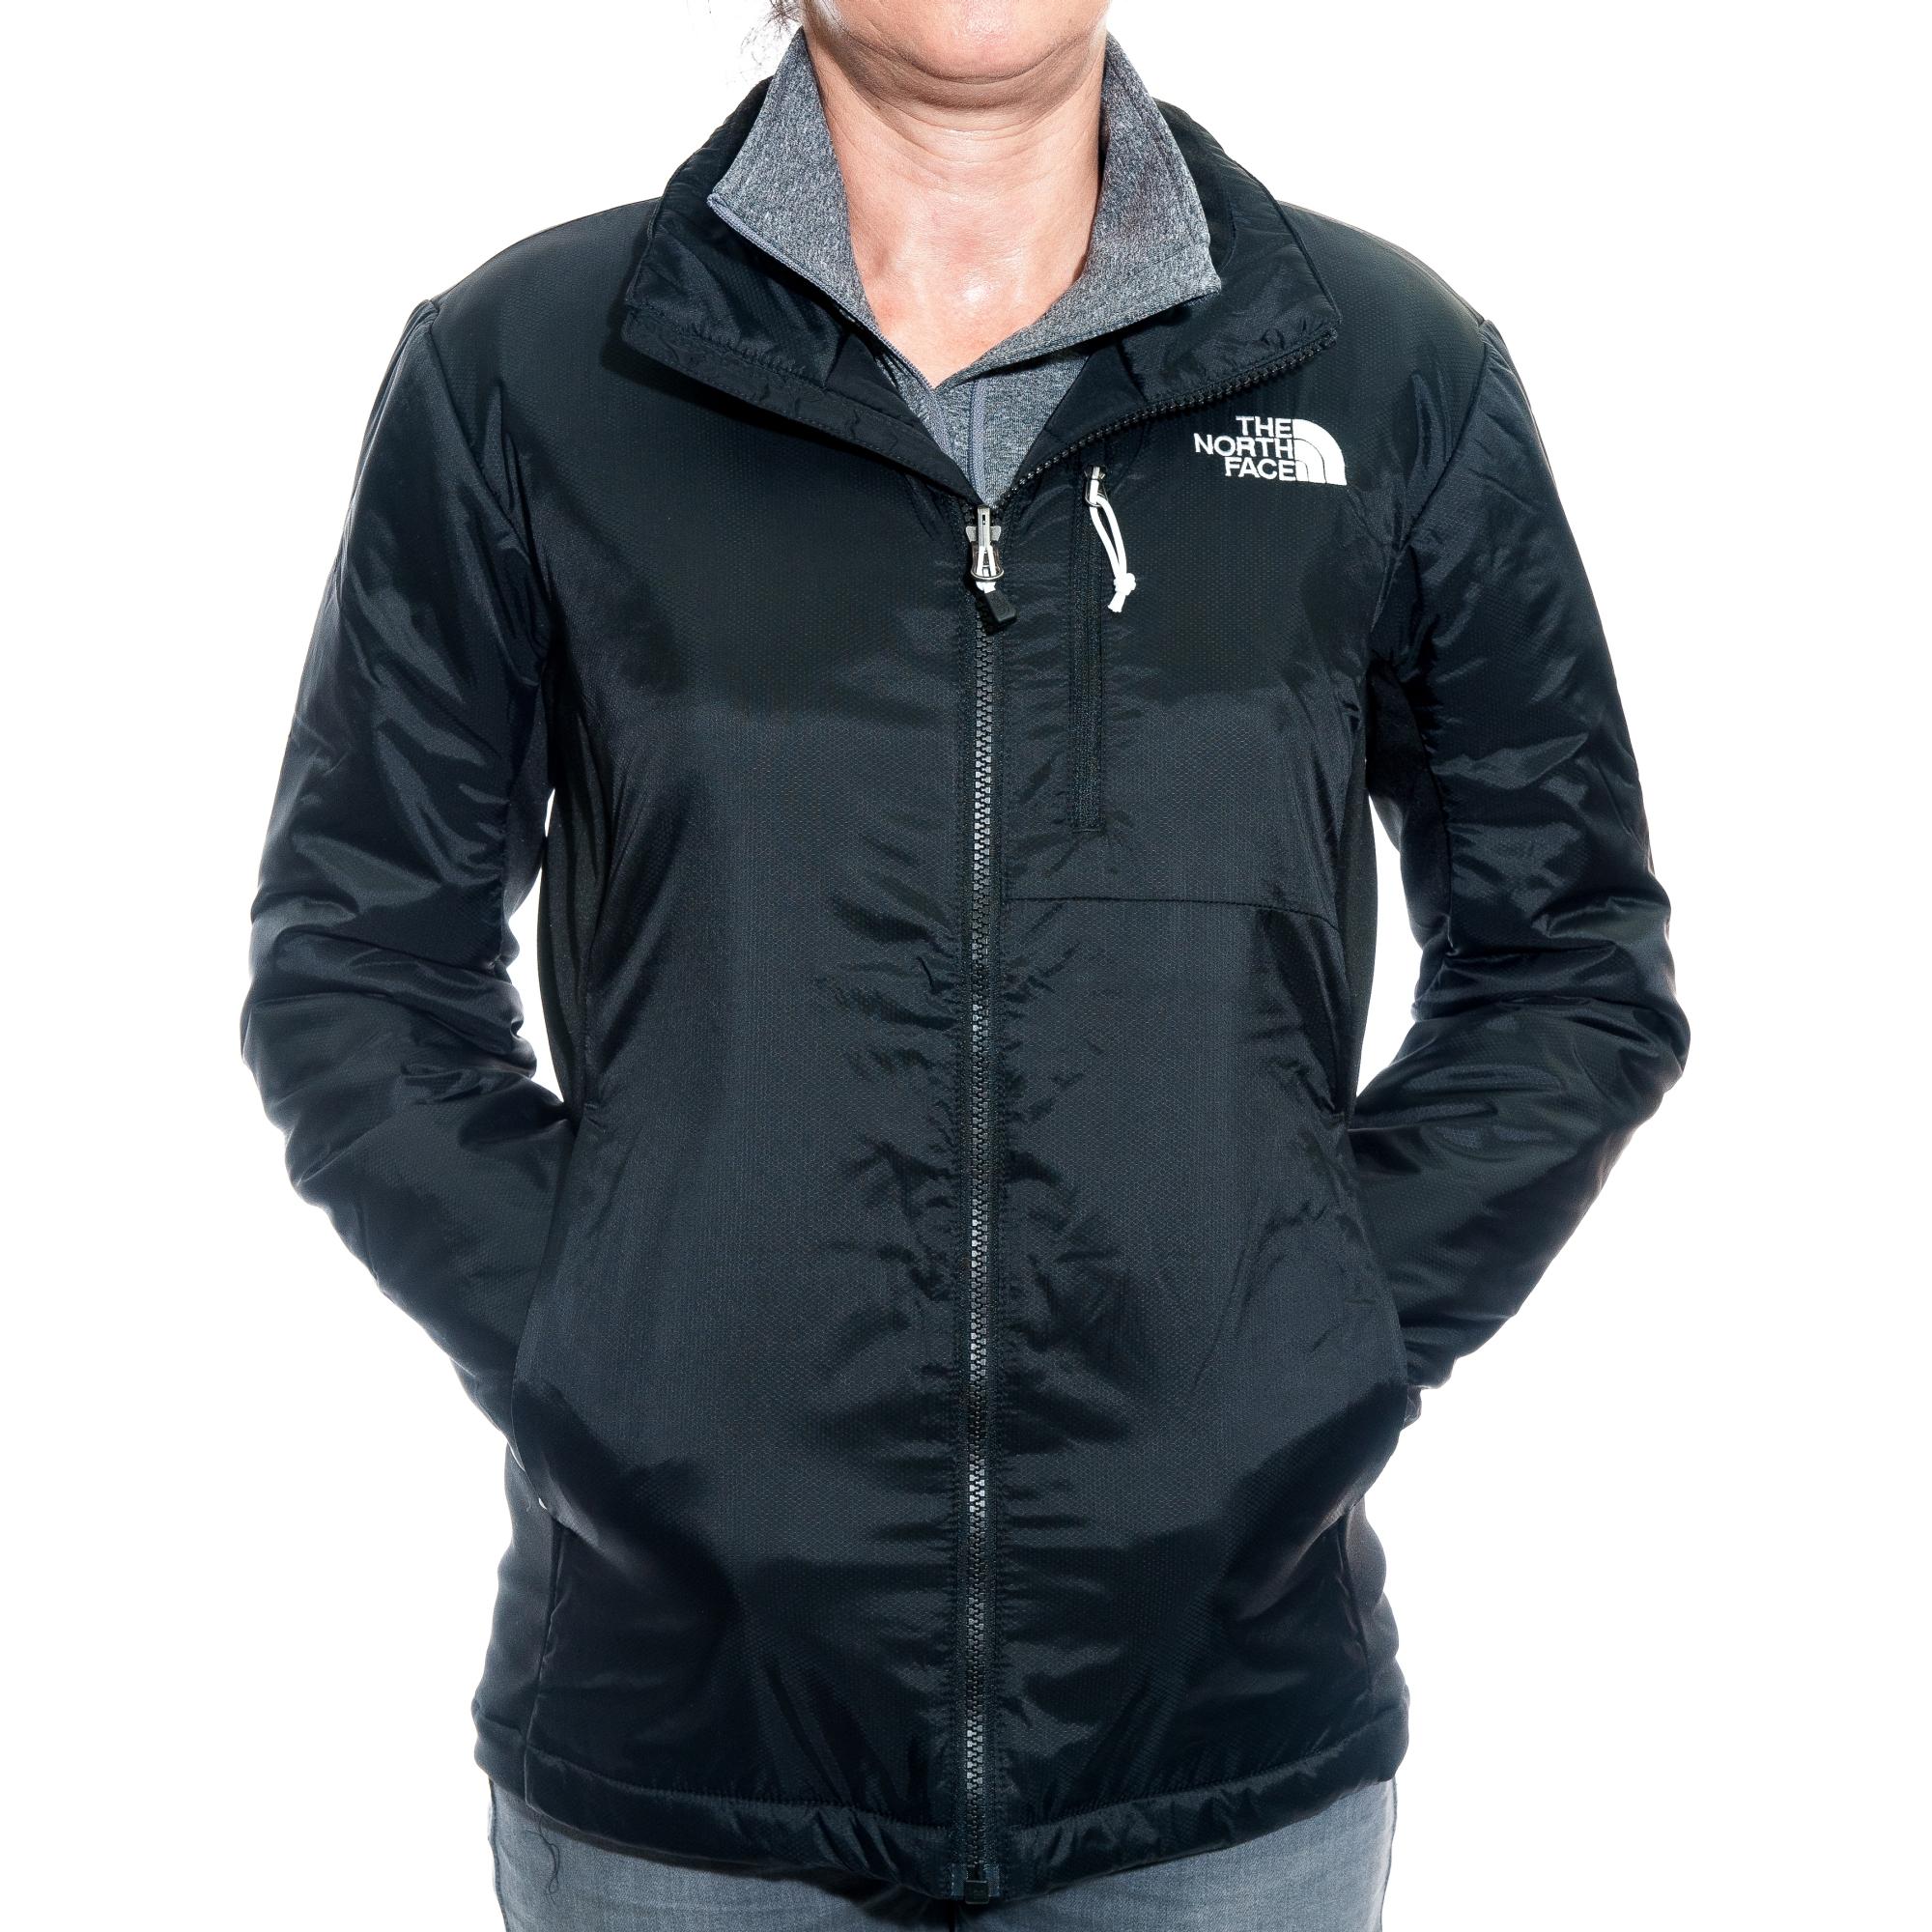 kaufen Hortons W JacketOnline Midlayer bei ZATENO QdxoCBreW